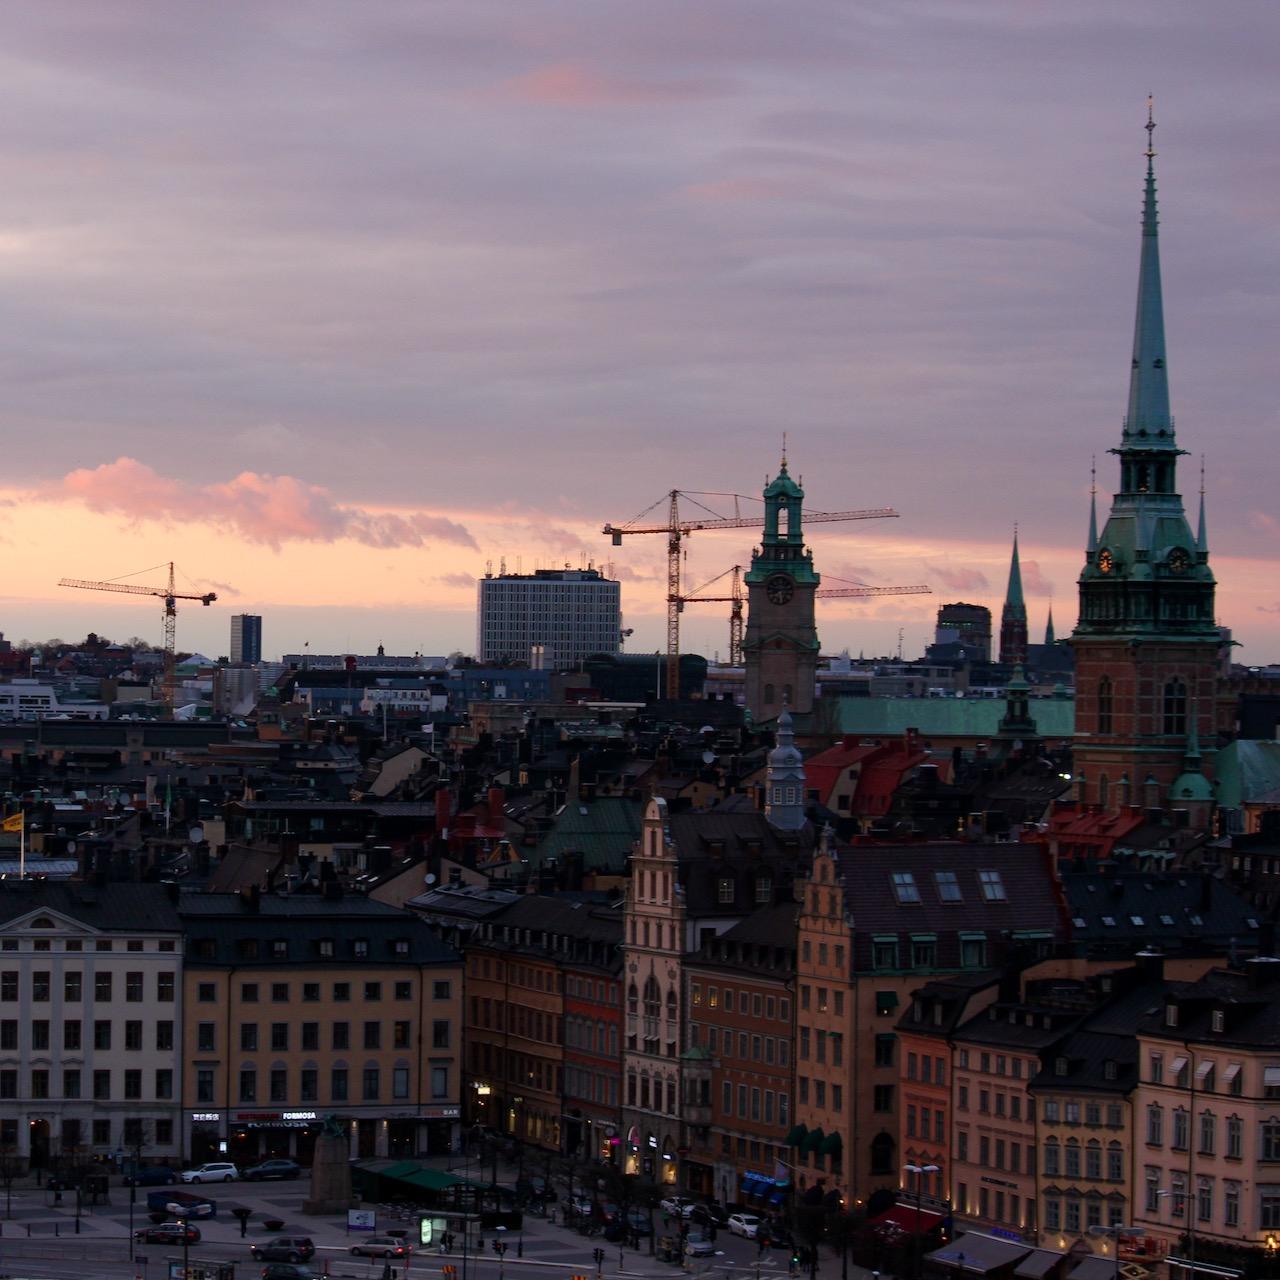 Stockholm, Sweden - 13